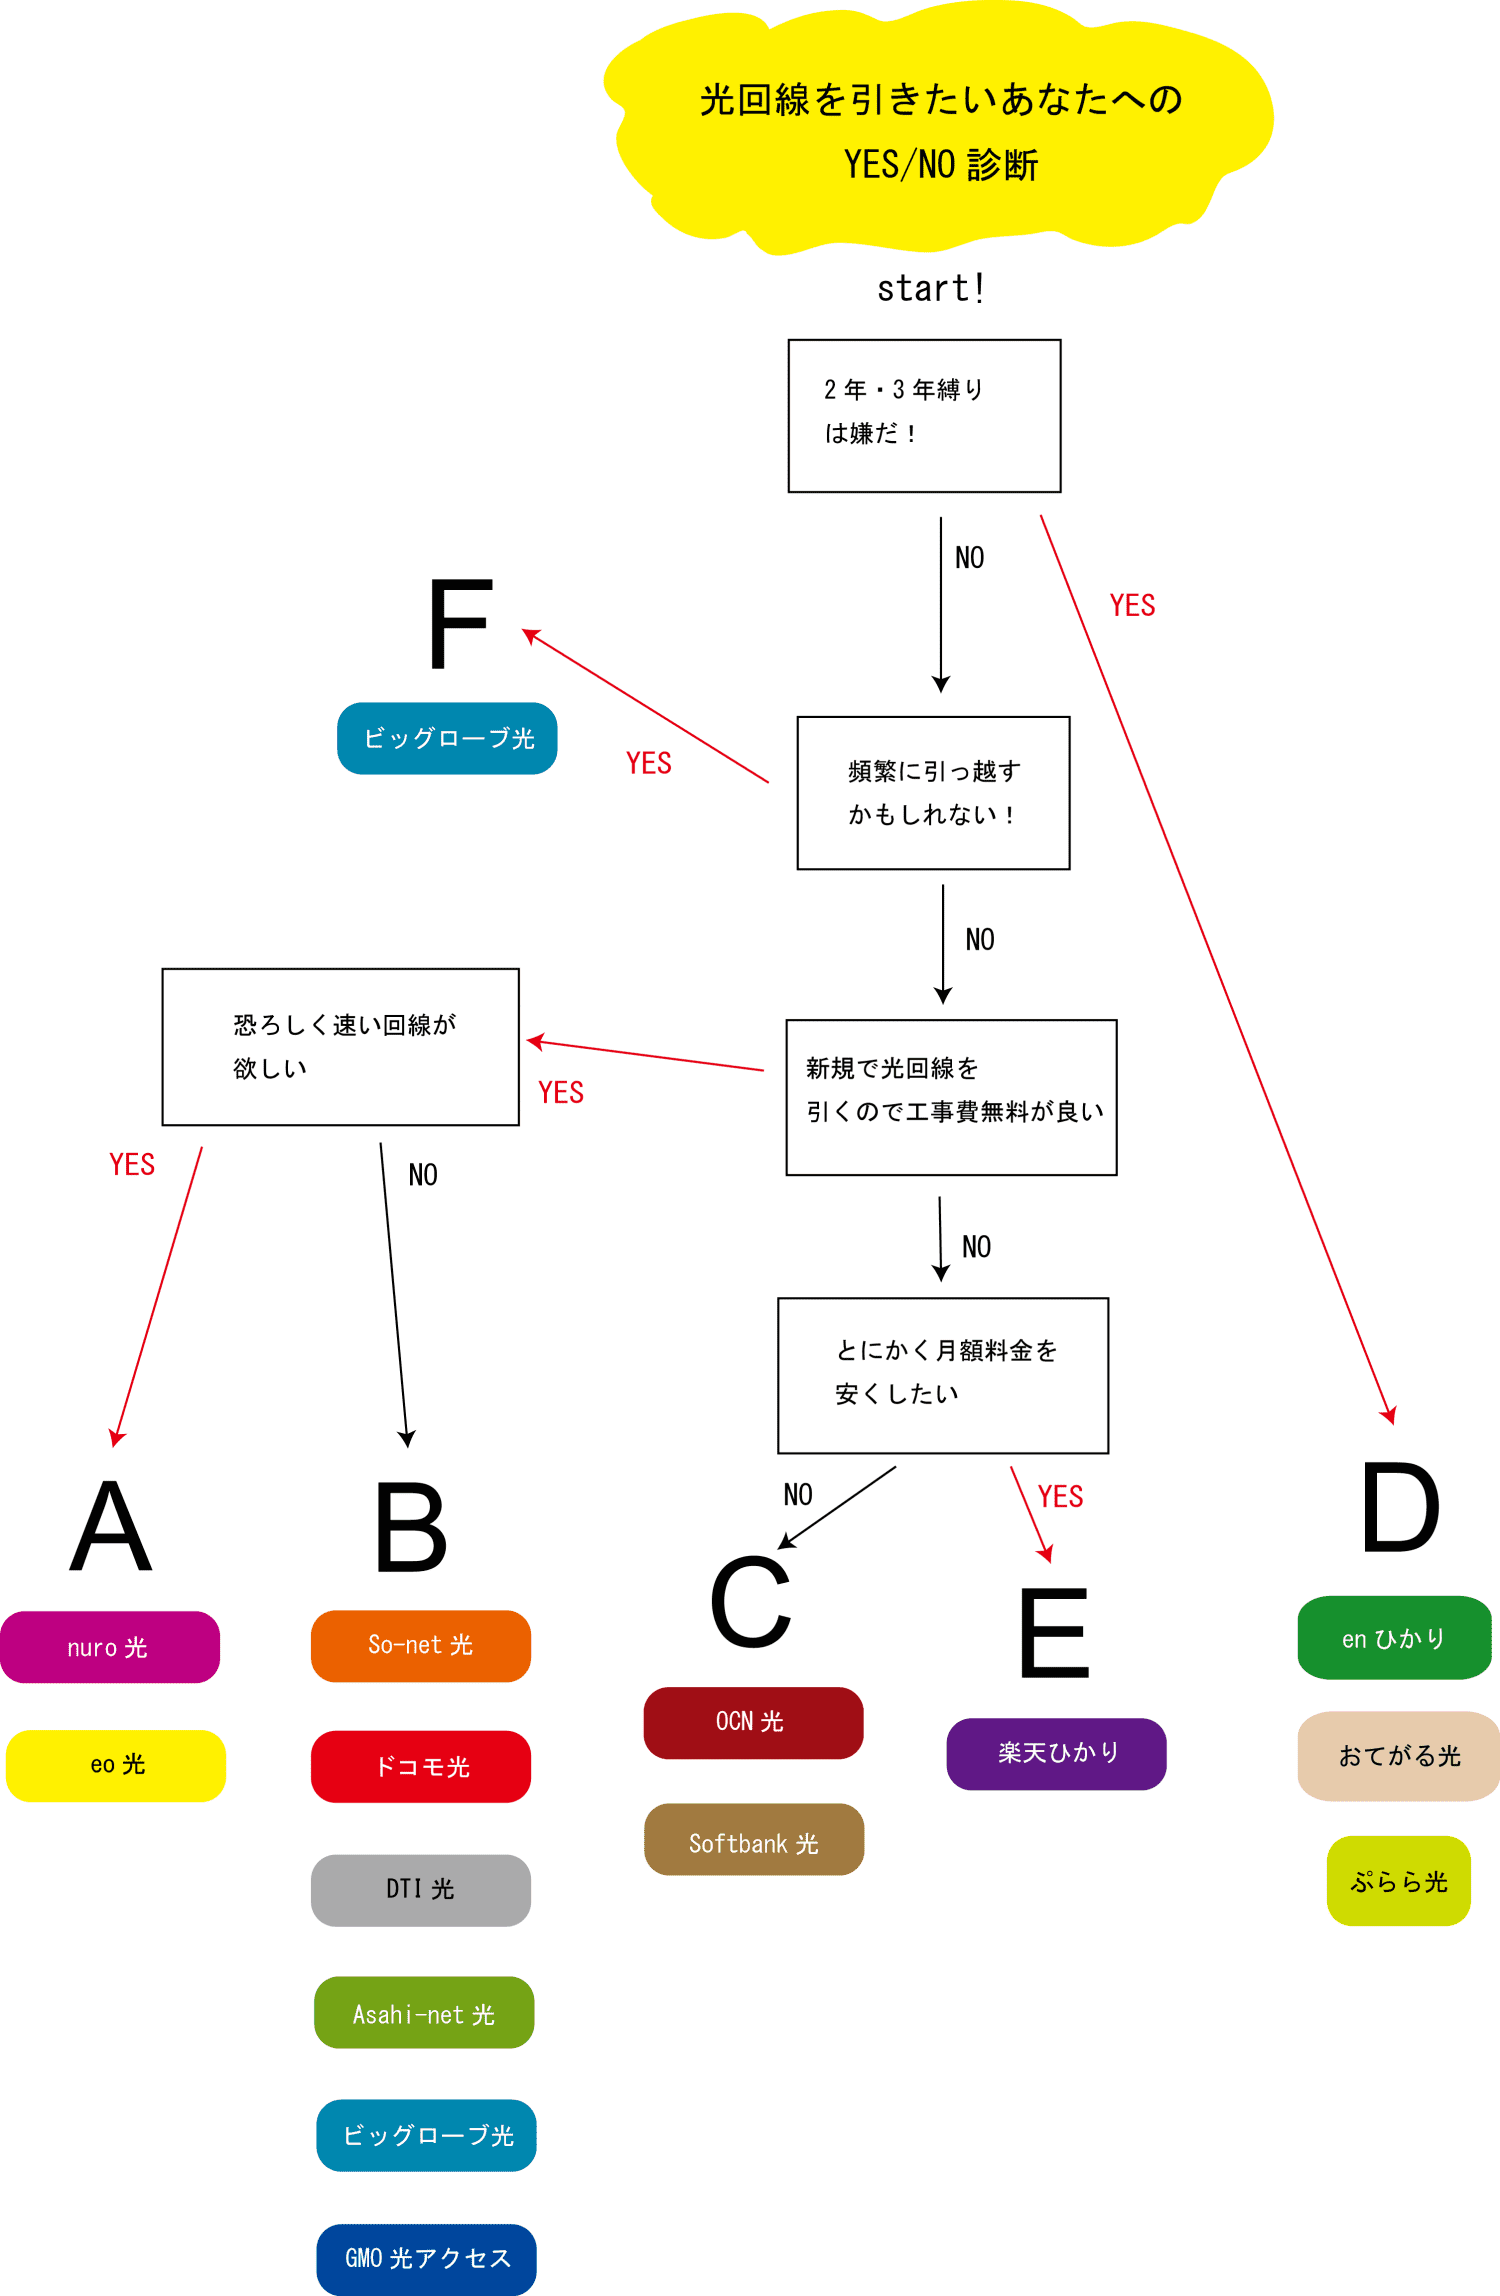 光回線おすすめYES/NO診断チャート